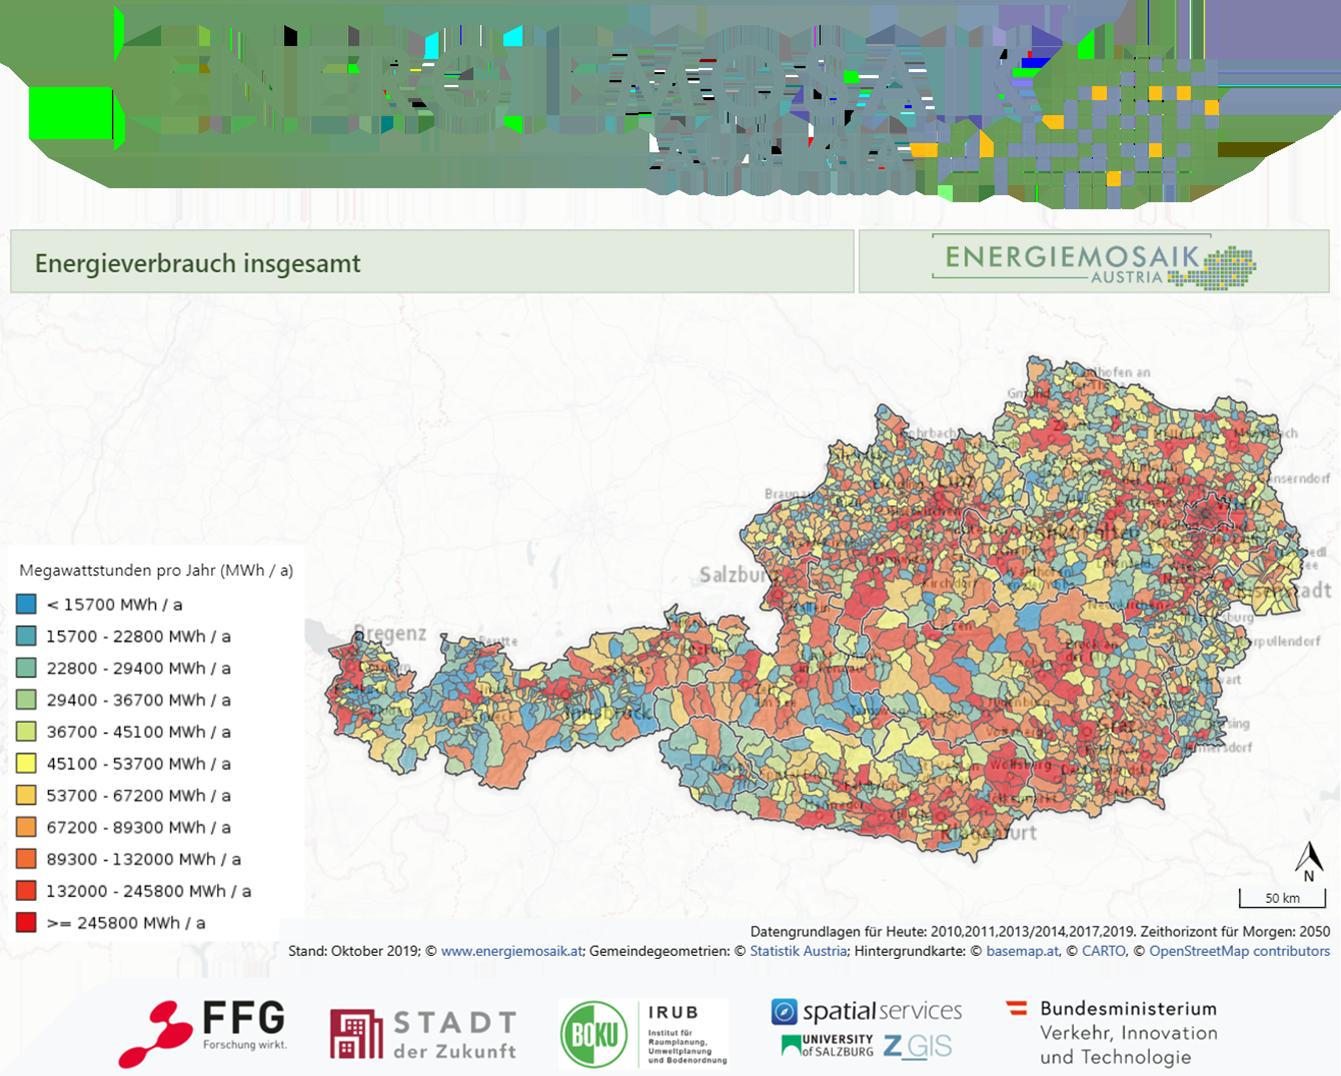 Energieverbrauch der österreichischen Gemeinden